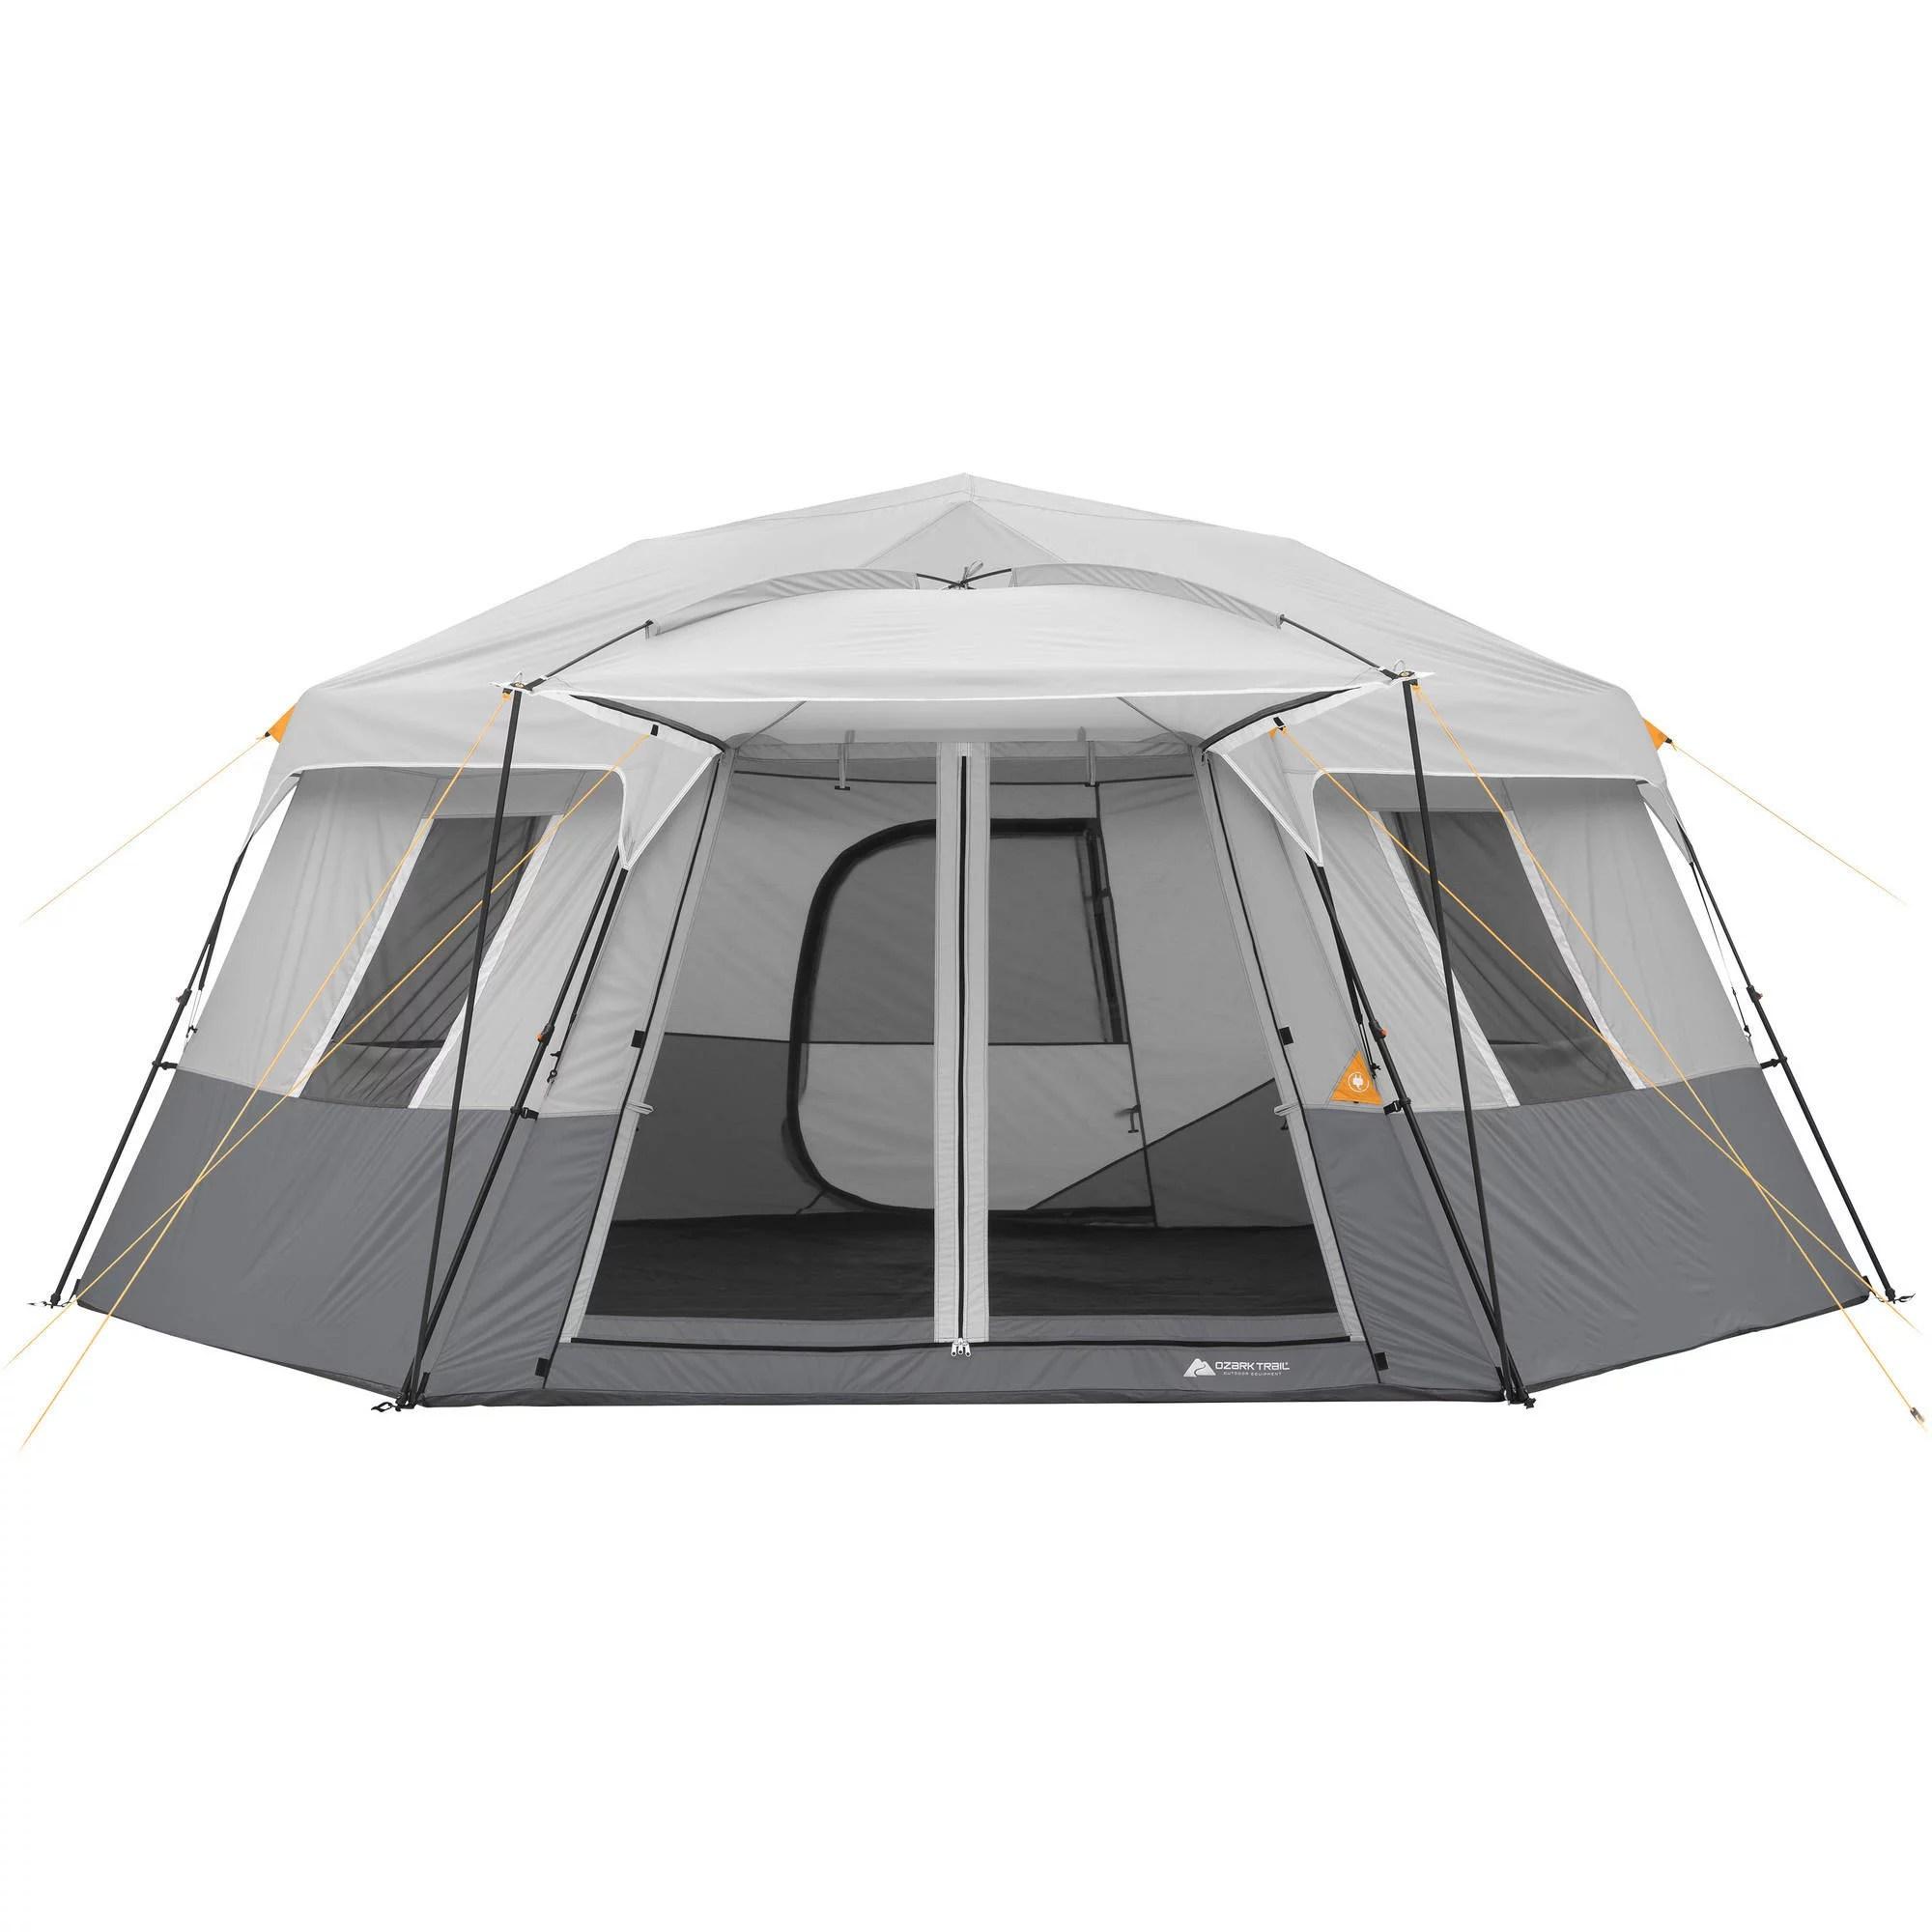 Ozark Trail 17' x 15' Person Instant Hexagon Cabin Tent